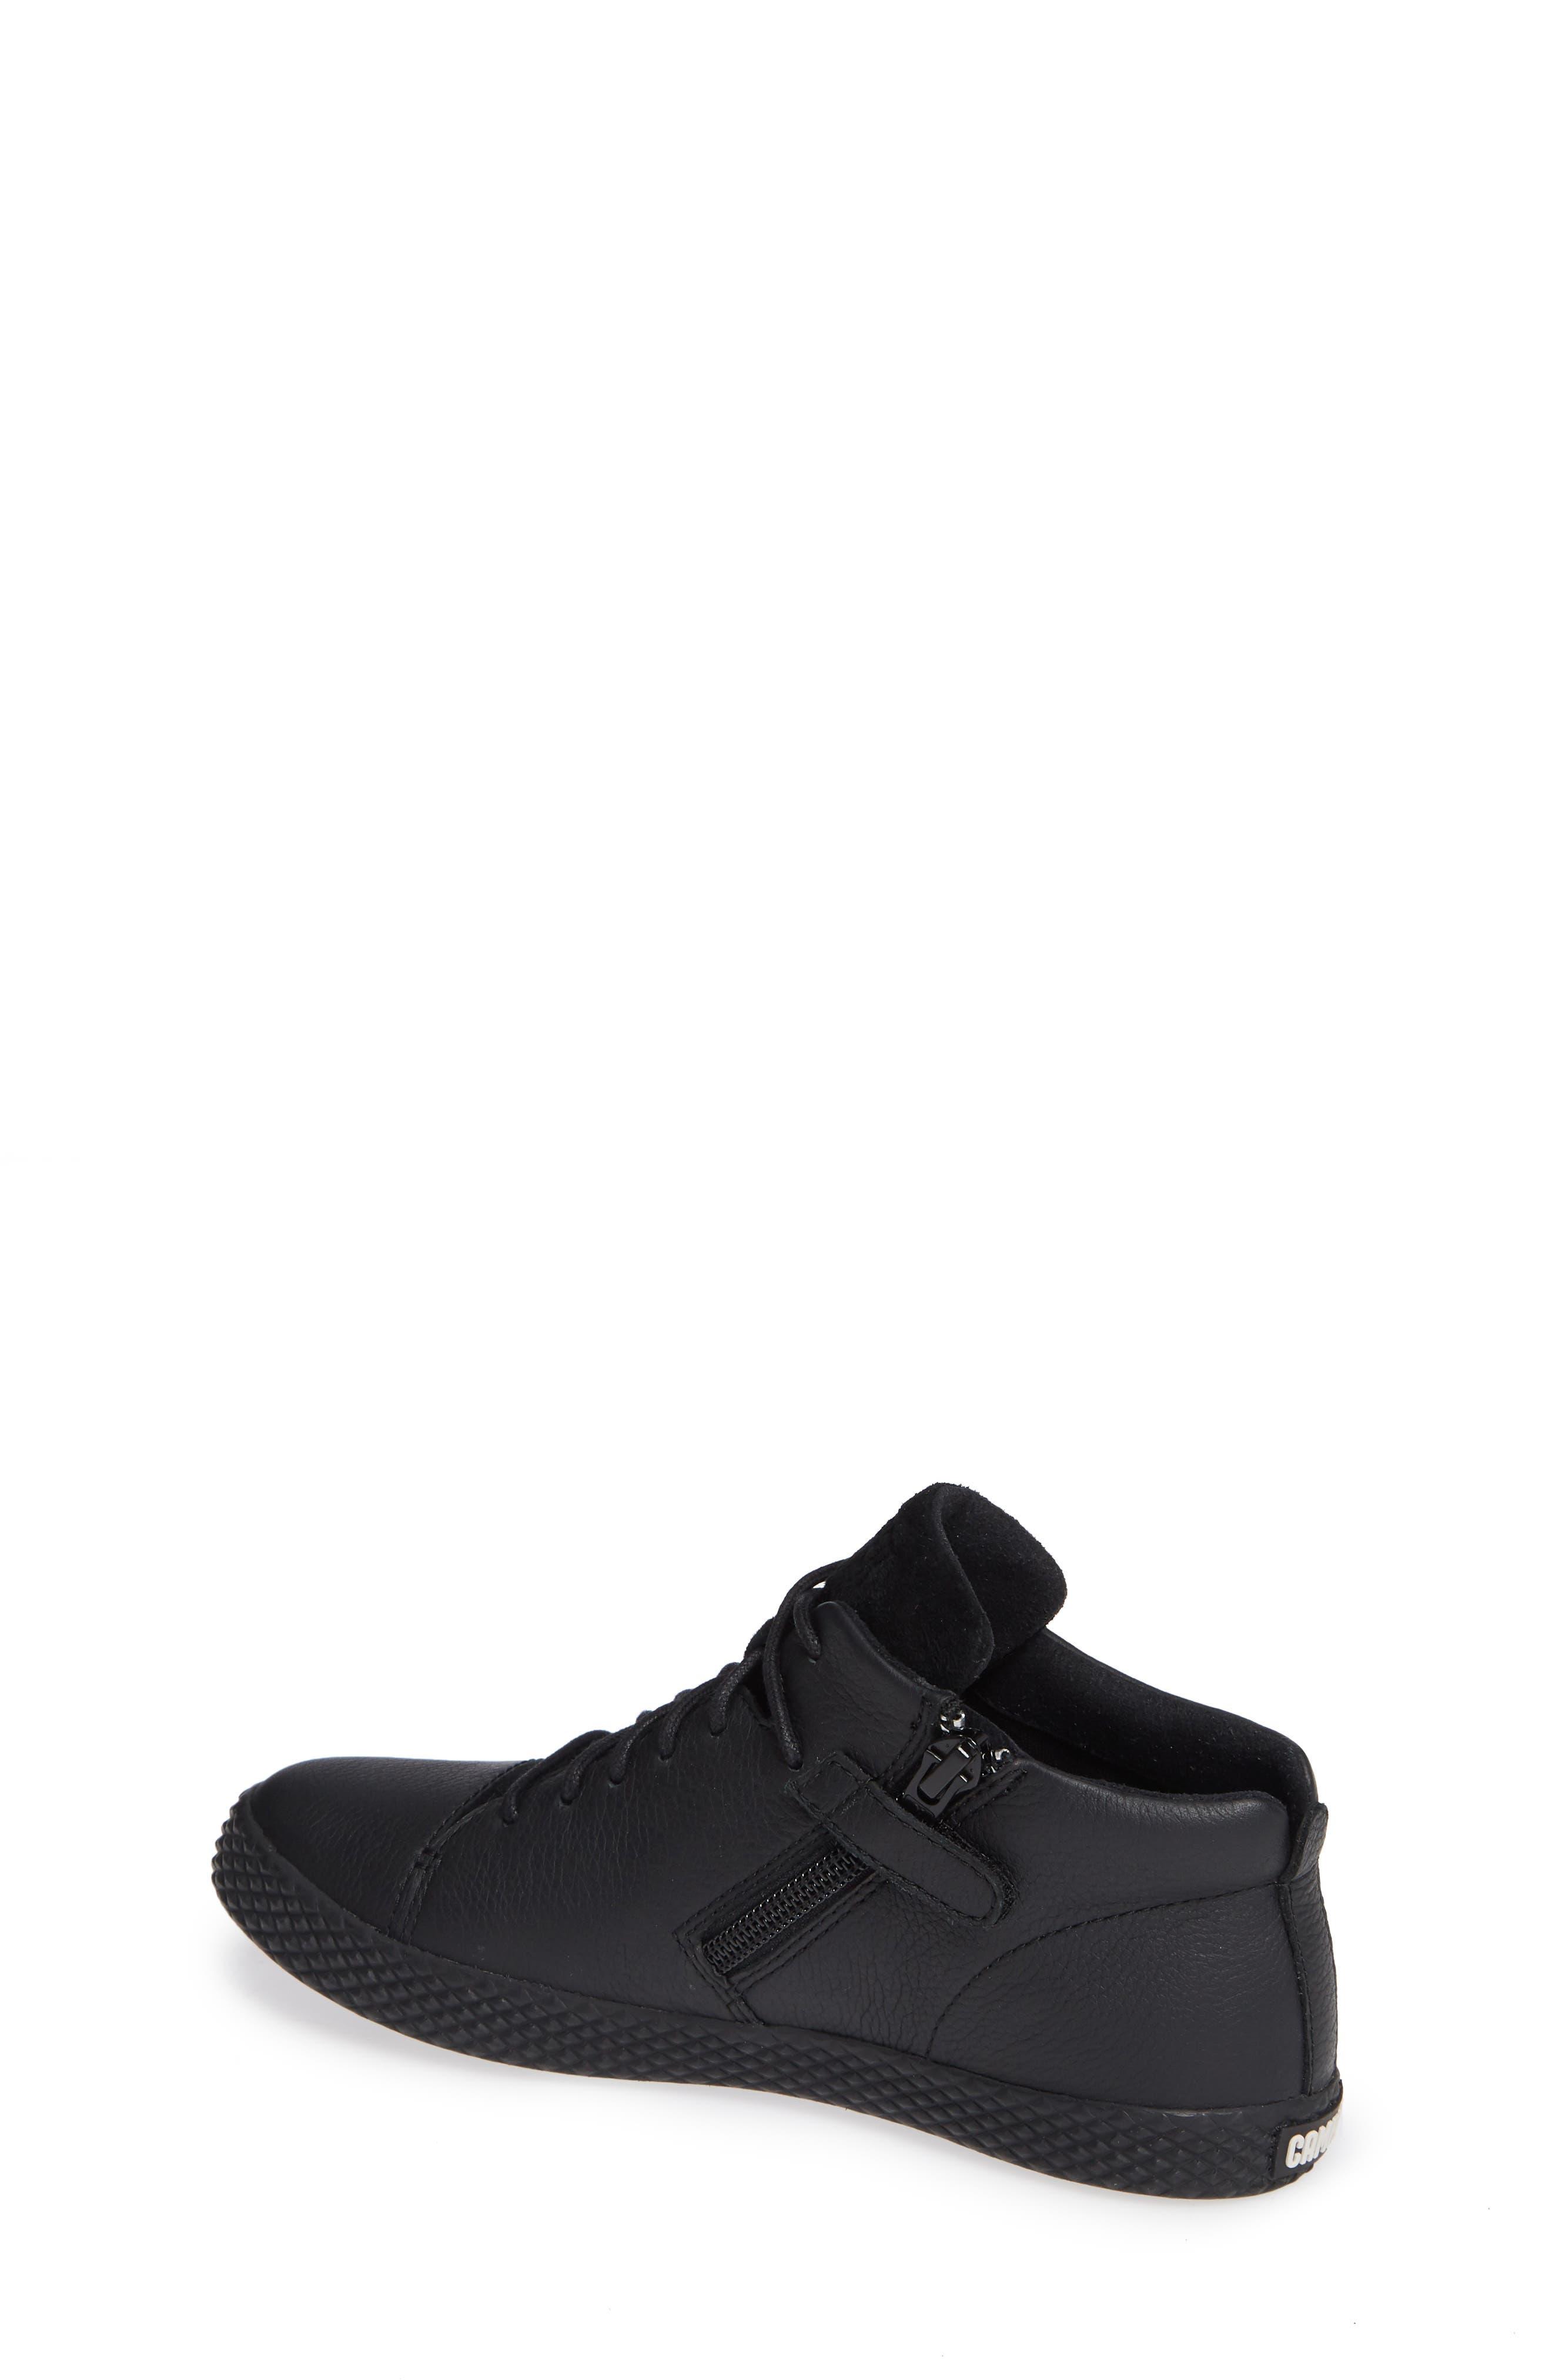 Pursuit Sneaker,                             Alternate thumbnail 2, color,                             BLACK